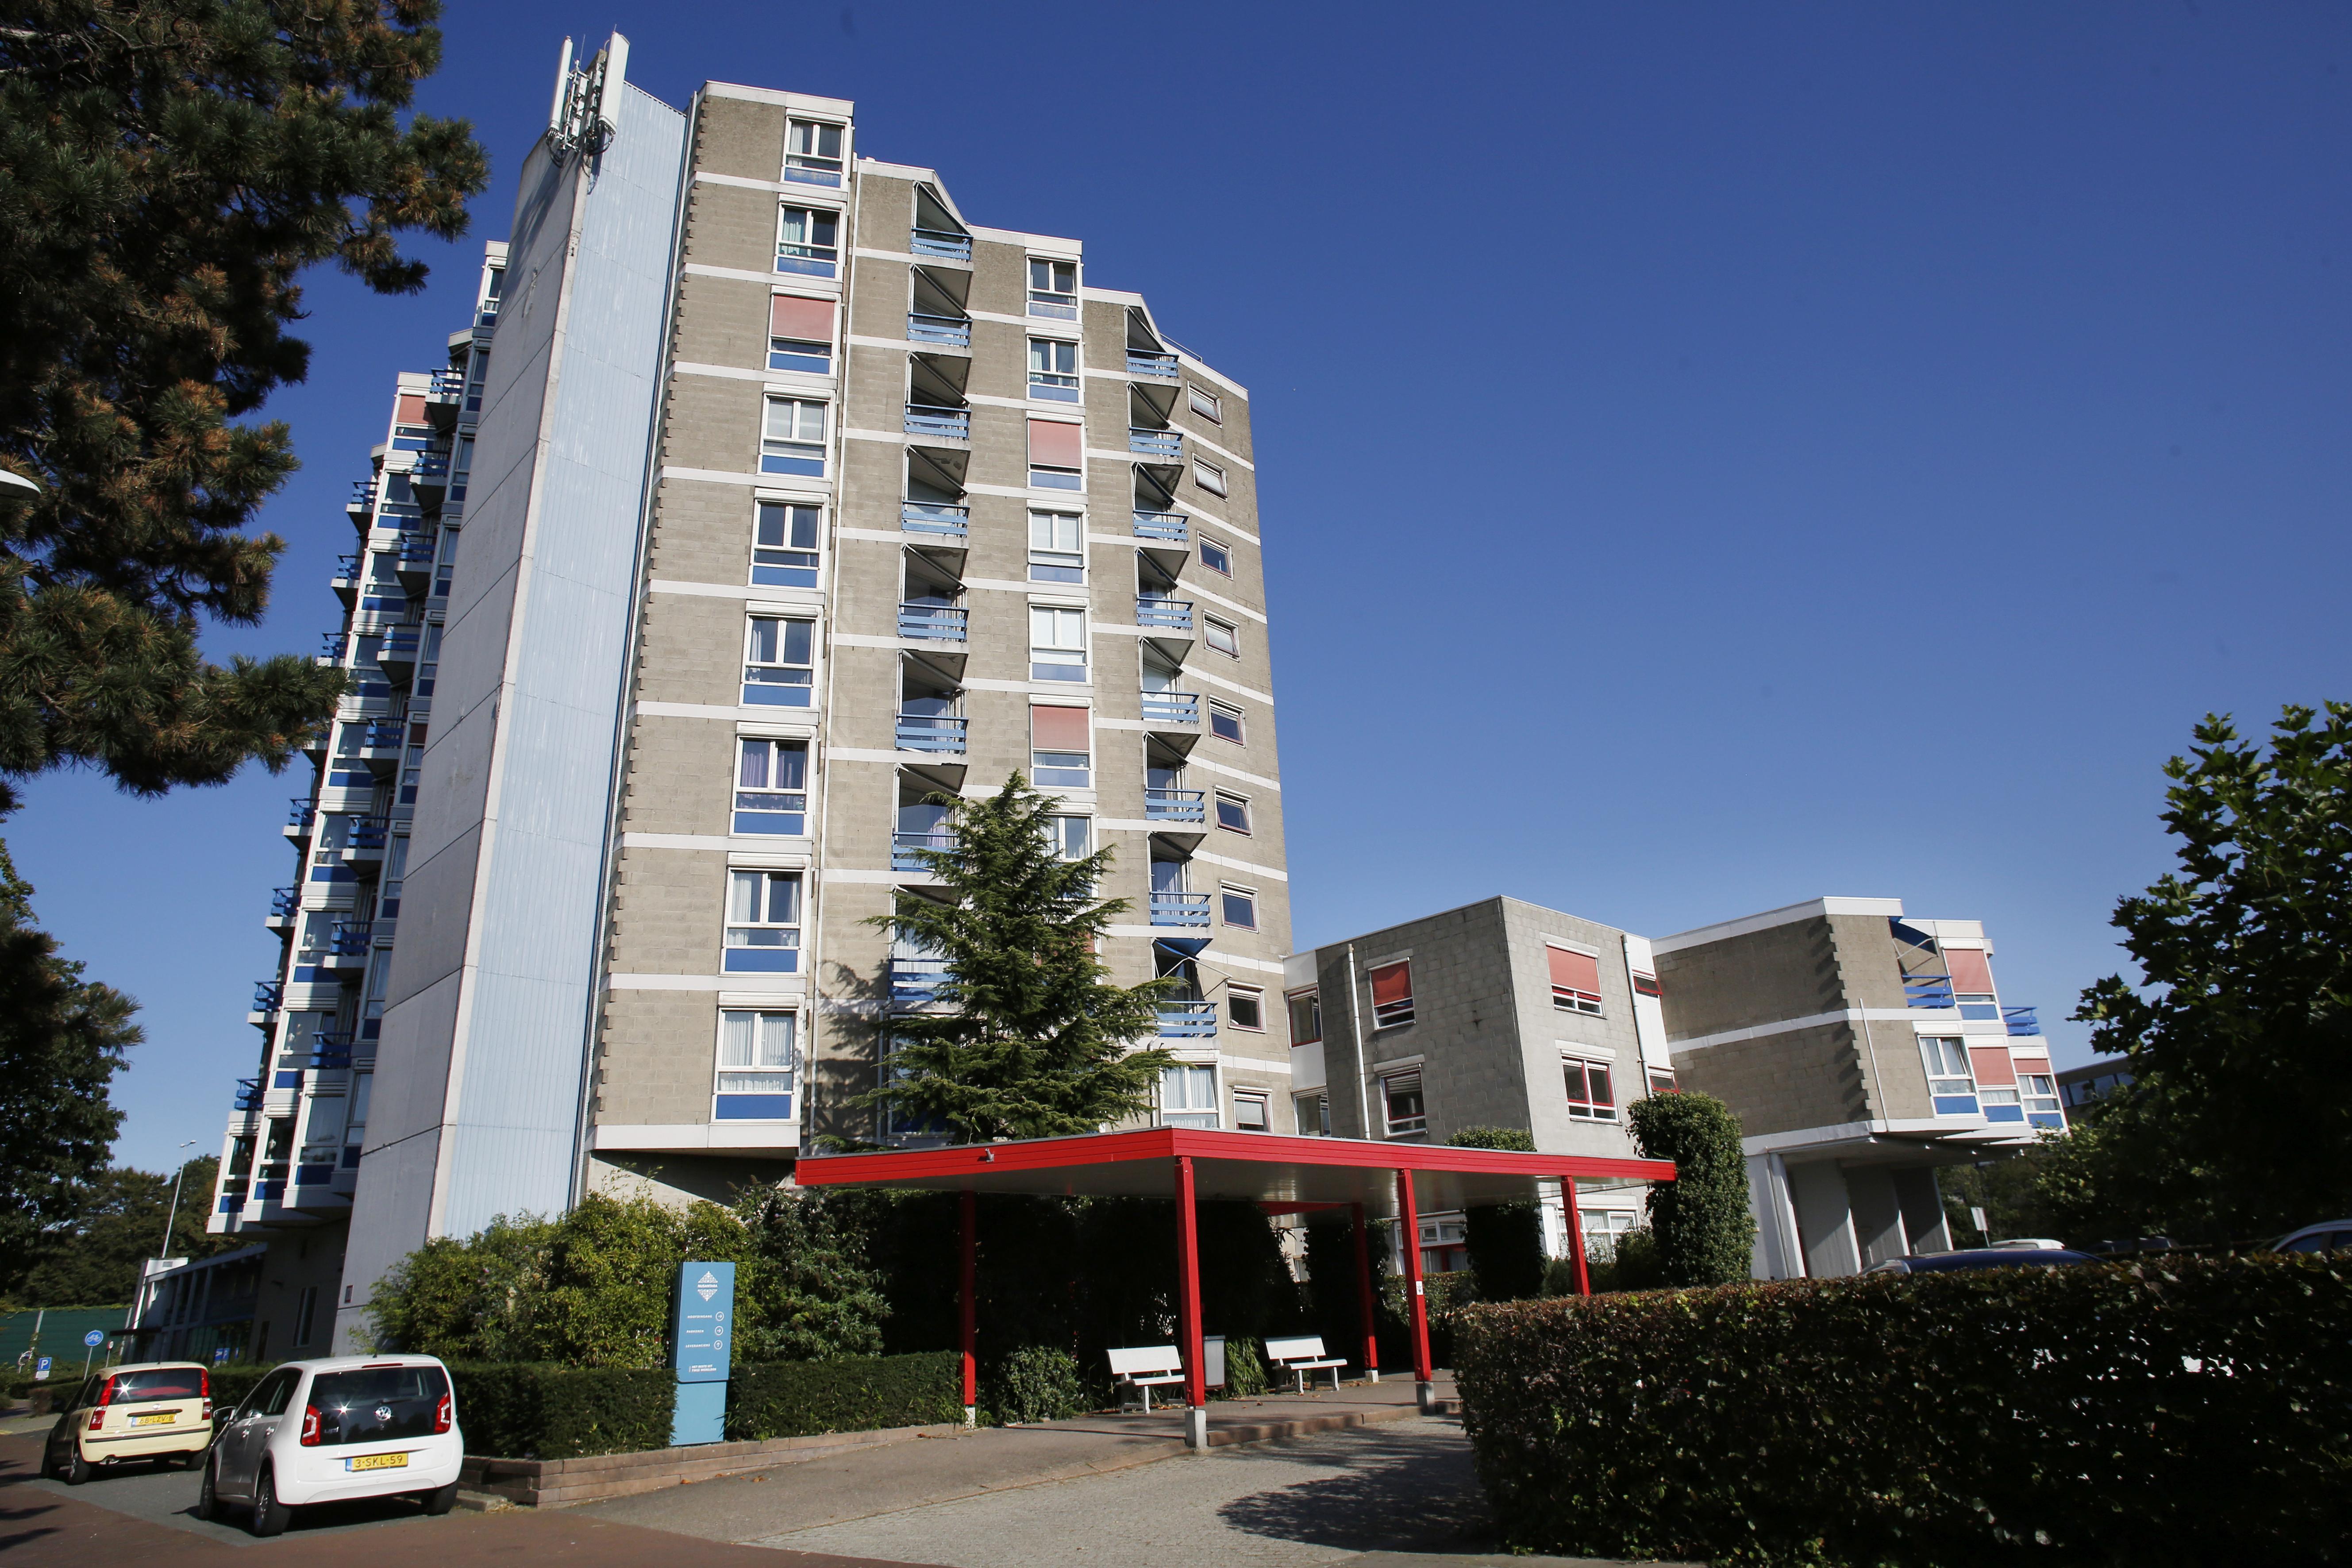 Na zeven overlijdens is verpleeghuis Patria in Bussum nu coronavrij. 'We hebben ons portie wel gehad'